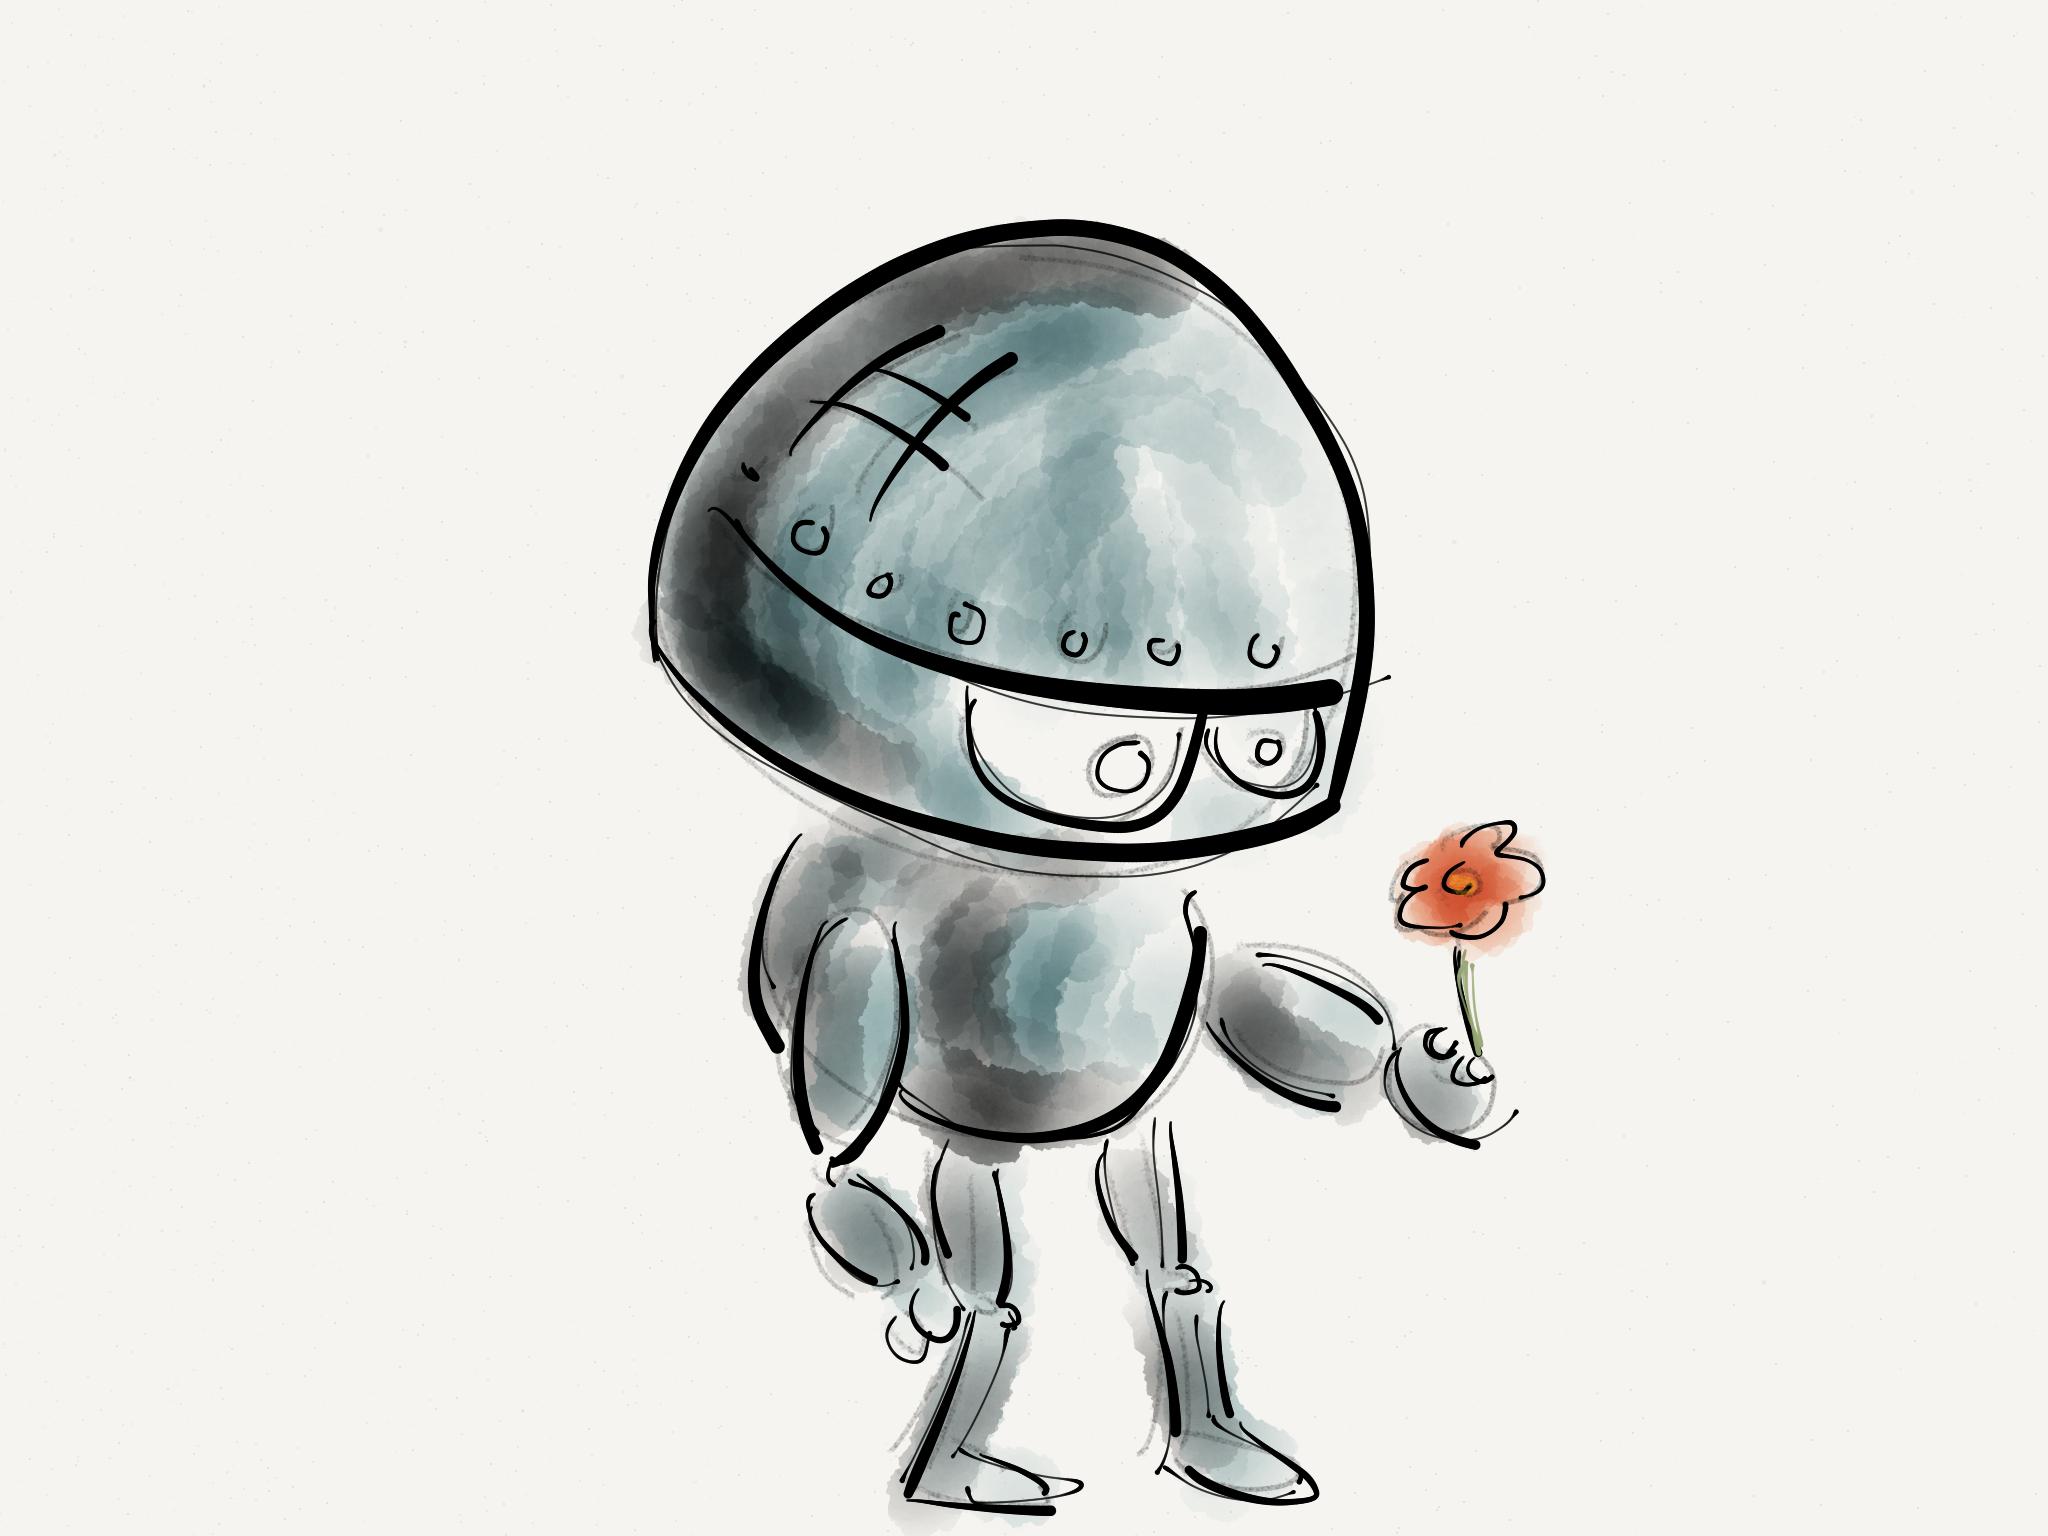 ロボット, 花, 技術, 将来, イノベーション - HD の壁紙 - 教授-falken.com